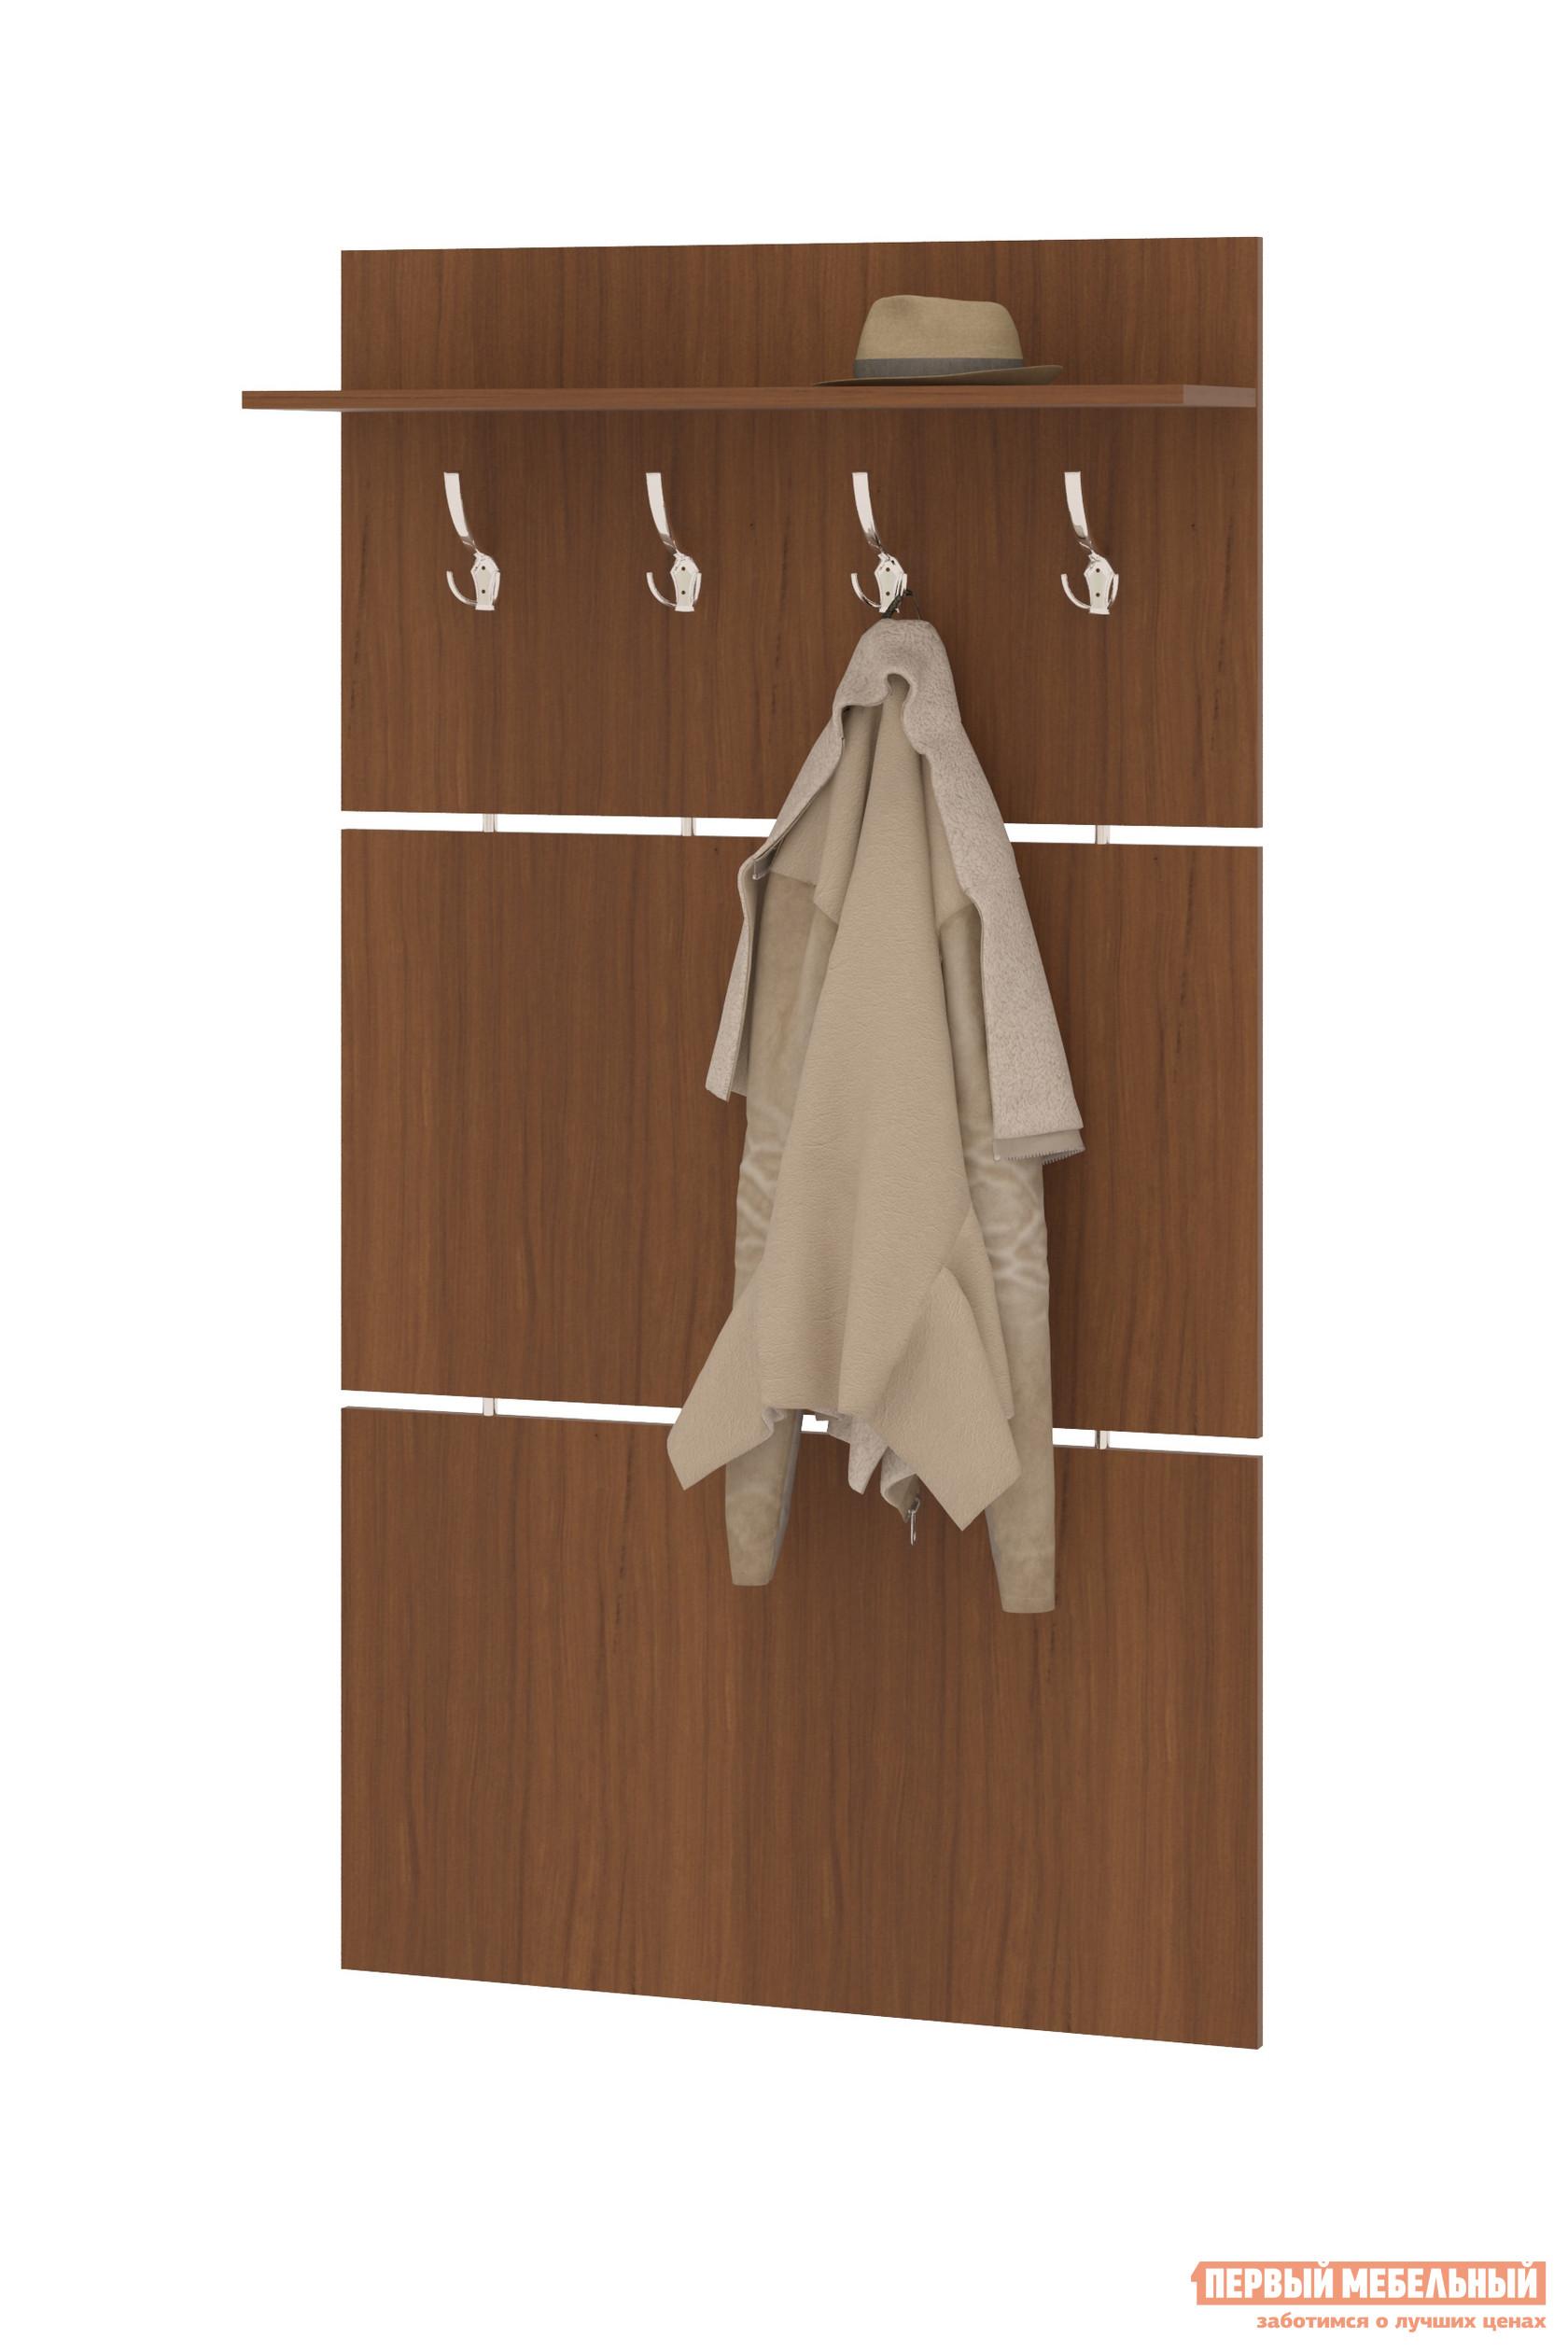 Настенная вешалка Сокол ВШ-3 Ноче-эккоНастенные вешалки<br>Габаритные размеры ВхШхГ 1586x900x216 мм. Широкая навесная вешалка, выполненная в строгом стиле, позволит разместить сезонную одежду всей семьи.  Вешалка состоит из 3-х панелей соединенных металлическими  вставками.  На верхней панели располагается четыре 3-хрожковых крючка для одежды. Полка, закрепленная над крючками, предназначена специально для головных уборов и зонтов.  Максимальная нагрузка на полку составляет 5 кг. Вешалка изготовлена из высококачественной ДСП 16 мм, края отделаны кромкой ПВХ 0. 4 мм.  Рекомендуем сохранить инструкцию по сборке (паспорт изделия) до истечения гарантийного срока.<br><br>Цвет: Ноче-экко<br>Цвет: Коричневое дерево<br>Высота мм: 1586<br>Ширина мм: 900<br>Глубина мм: 216<br>Кол-во упаковок: 1<br>Форма поставки: В разобранном виде<br>Срок гарантии: 2 года<br>Материал: Деревянные<br>Особенности: С полкой